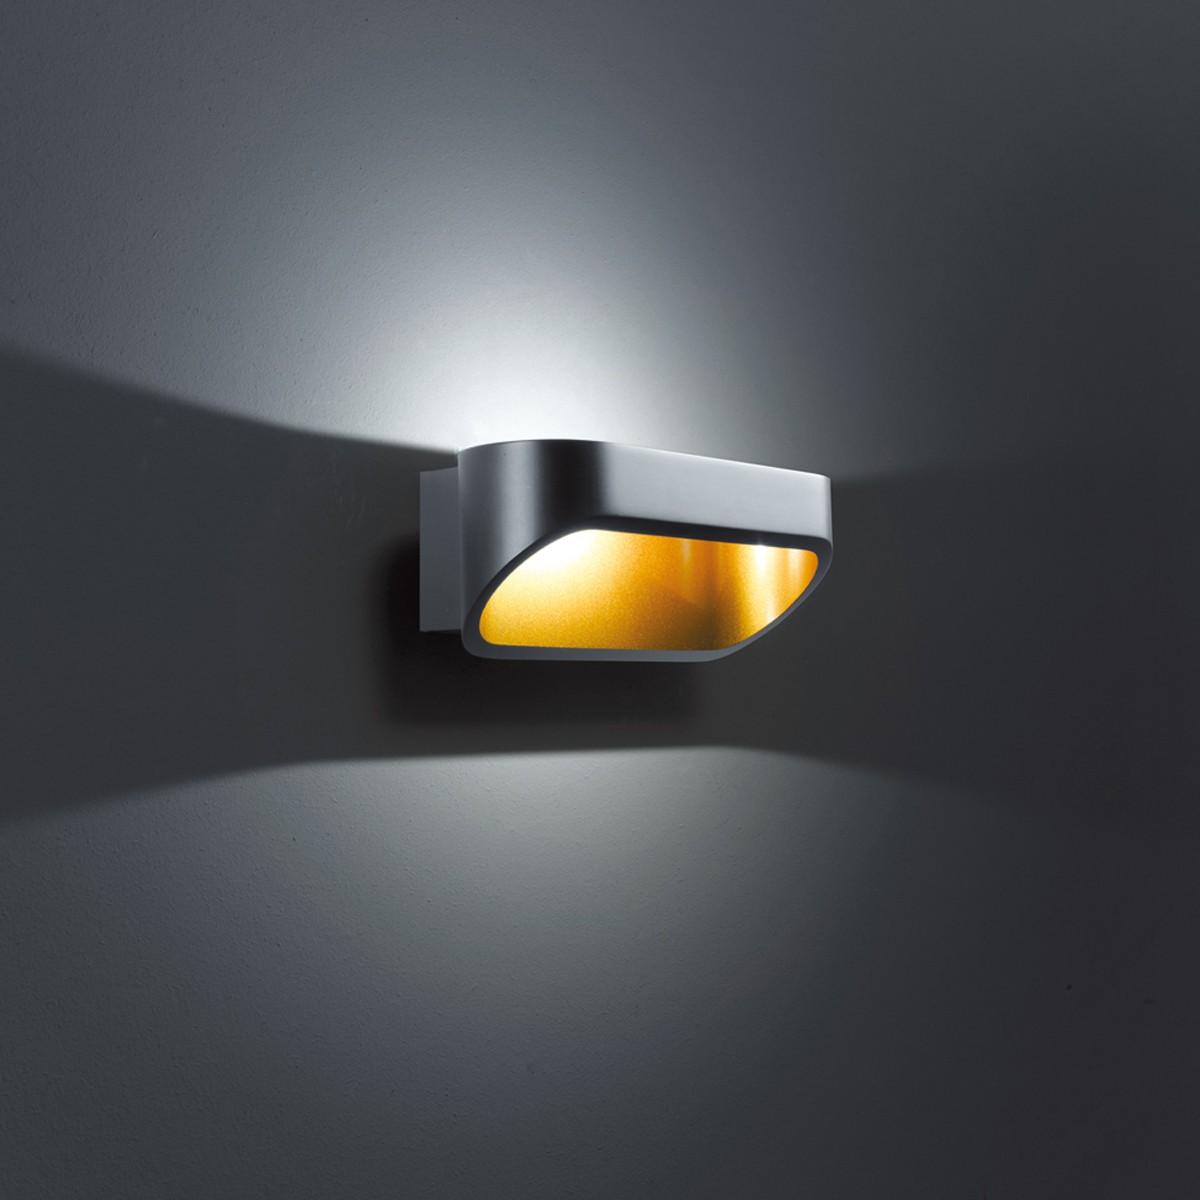 Helestra Onno Wandleuchte, schwarz / Gold, Länge: 18 cm